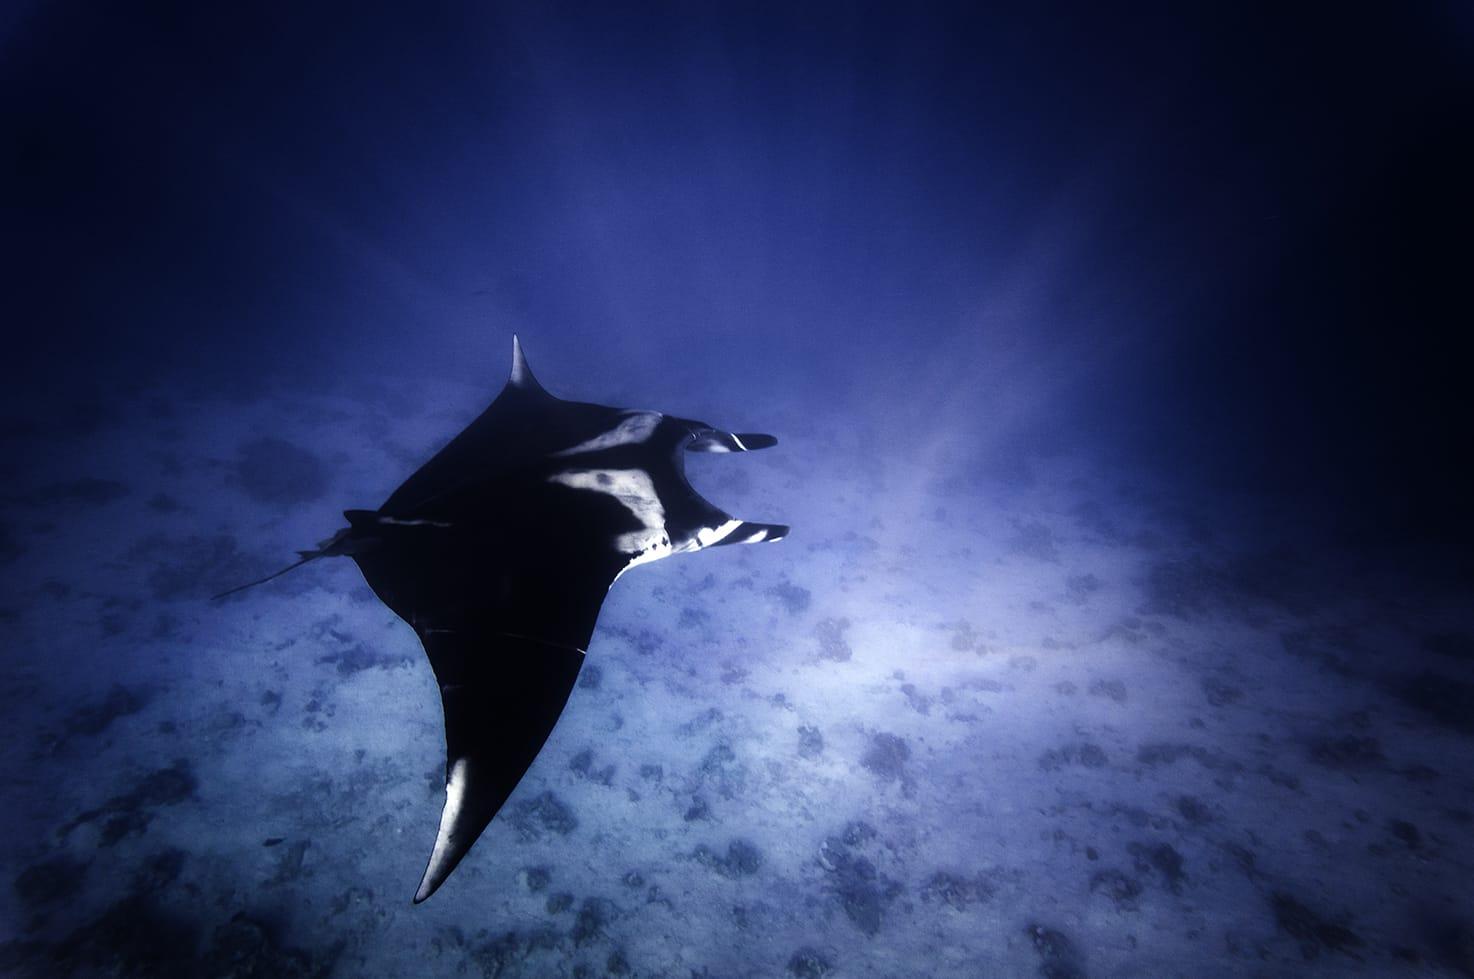 תצפית נדירה בשמורת הטבע אלמוגים במפרץ אילת - לפתע זהיתי מנטה במים